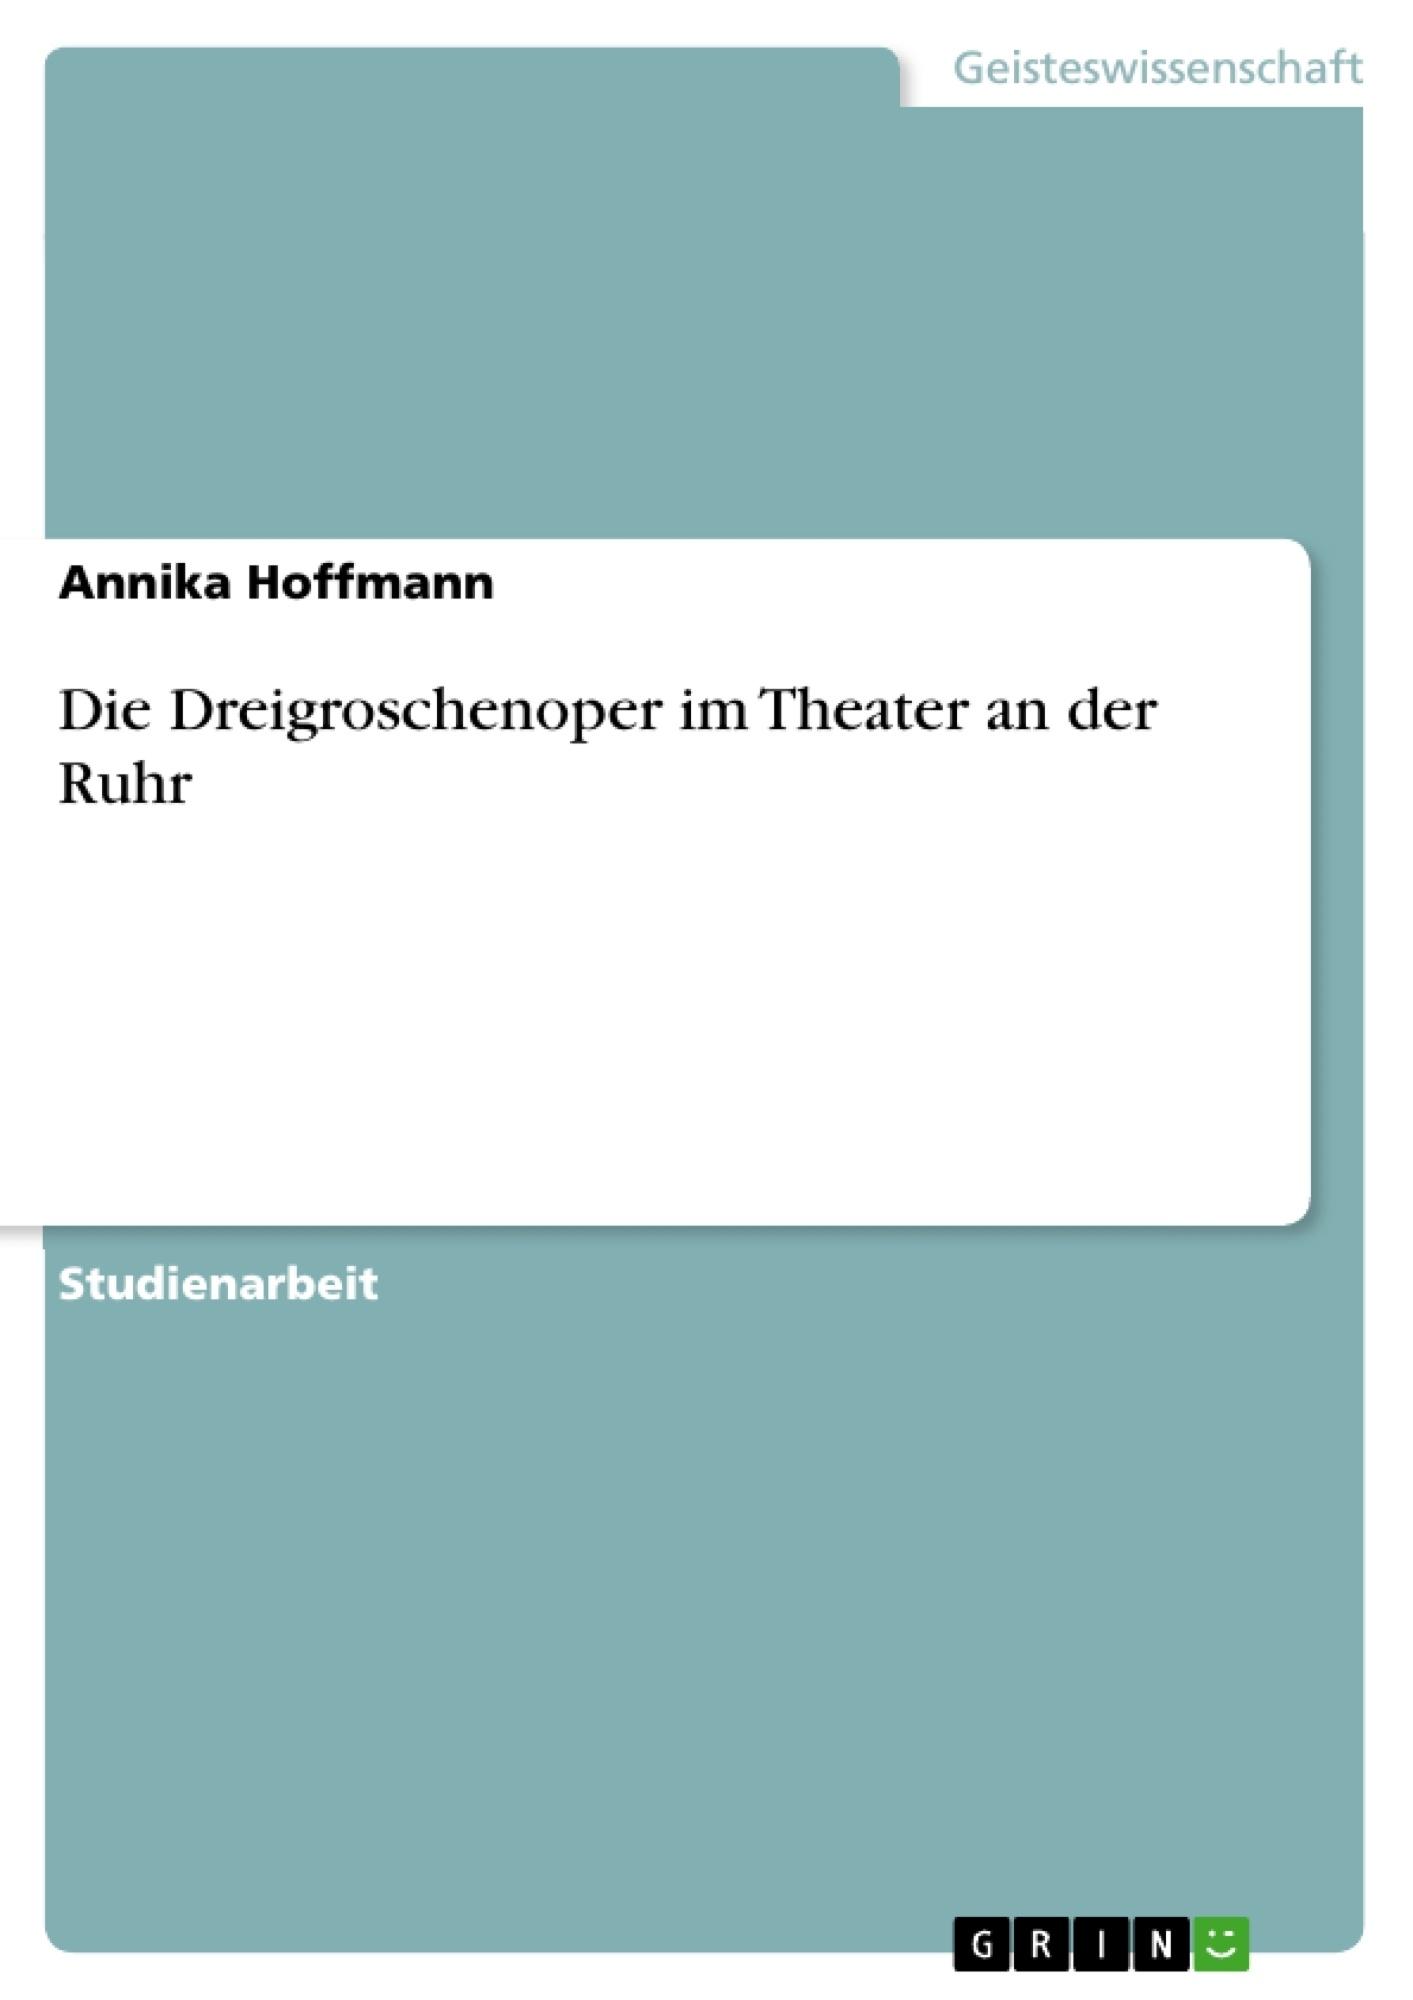 Titel: Die Dreigroschenoper im Theater an der Ruhr